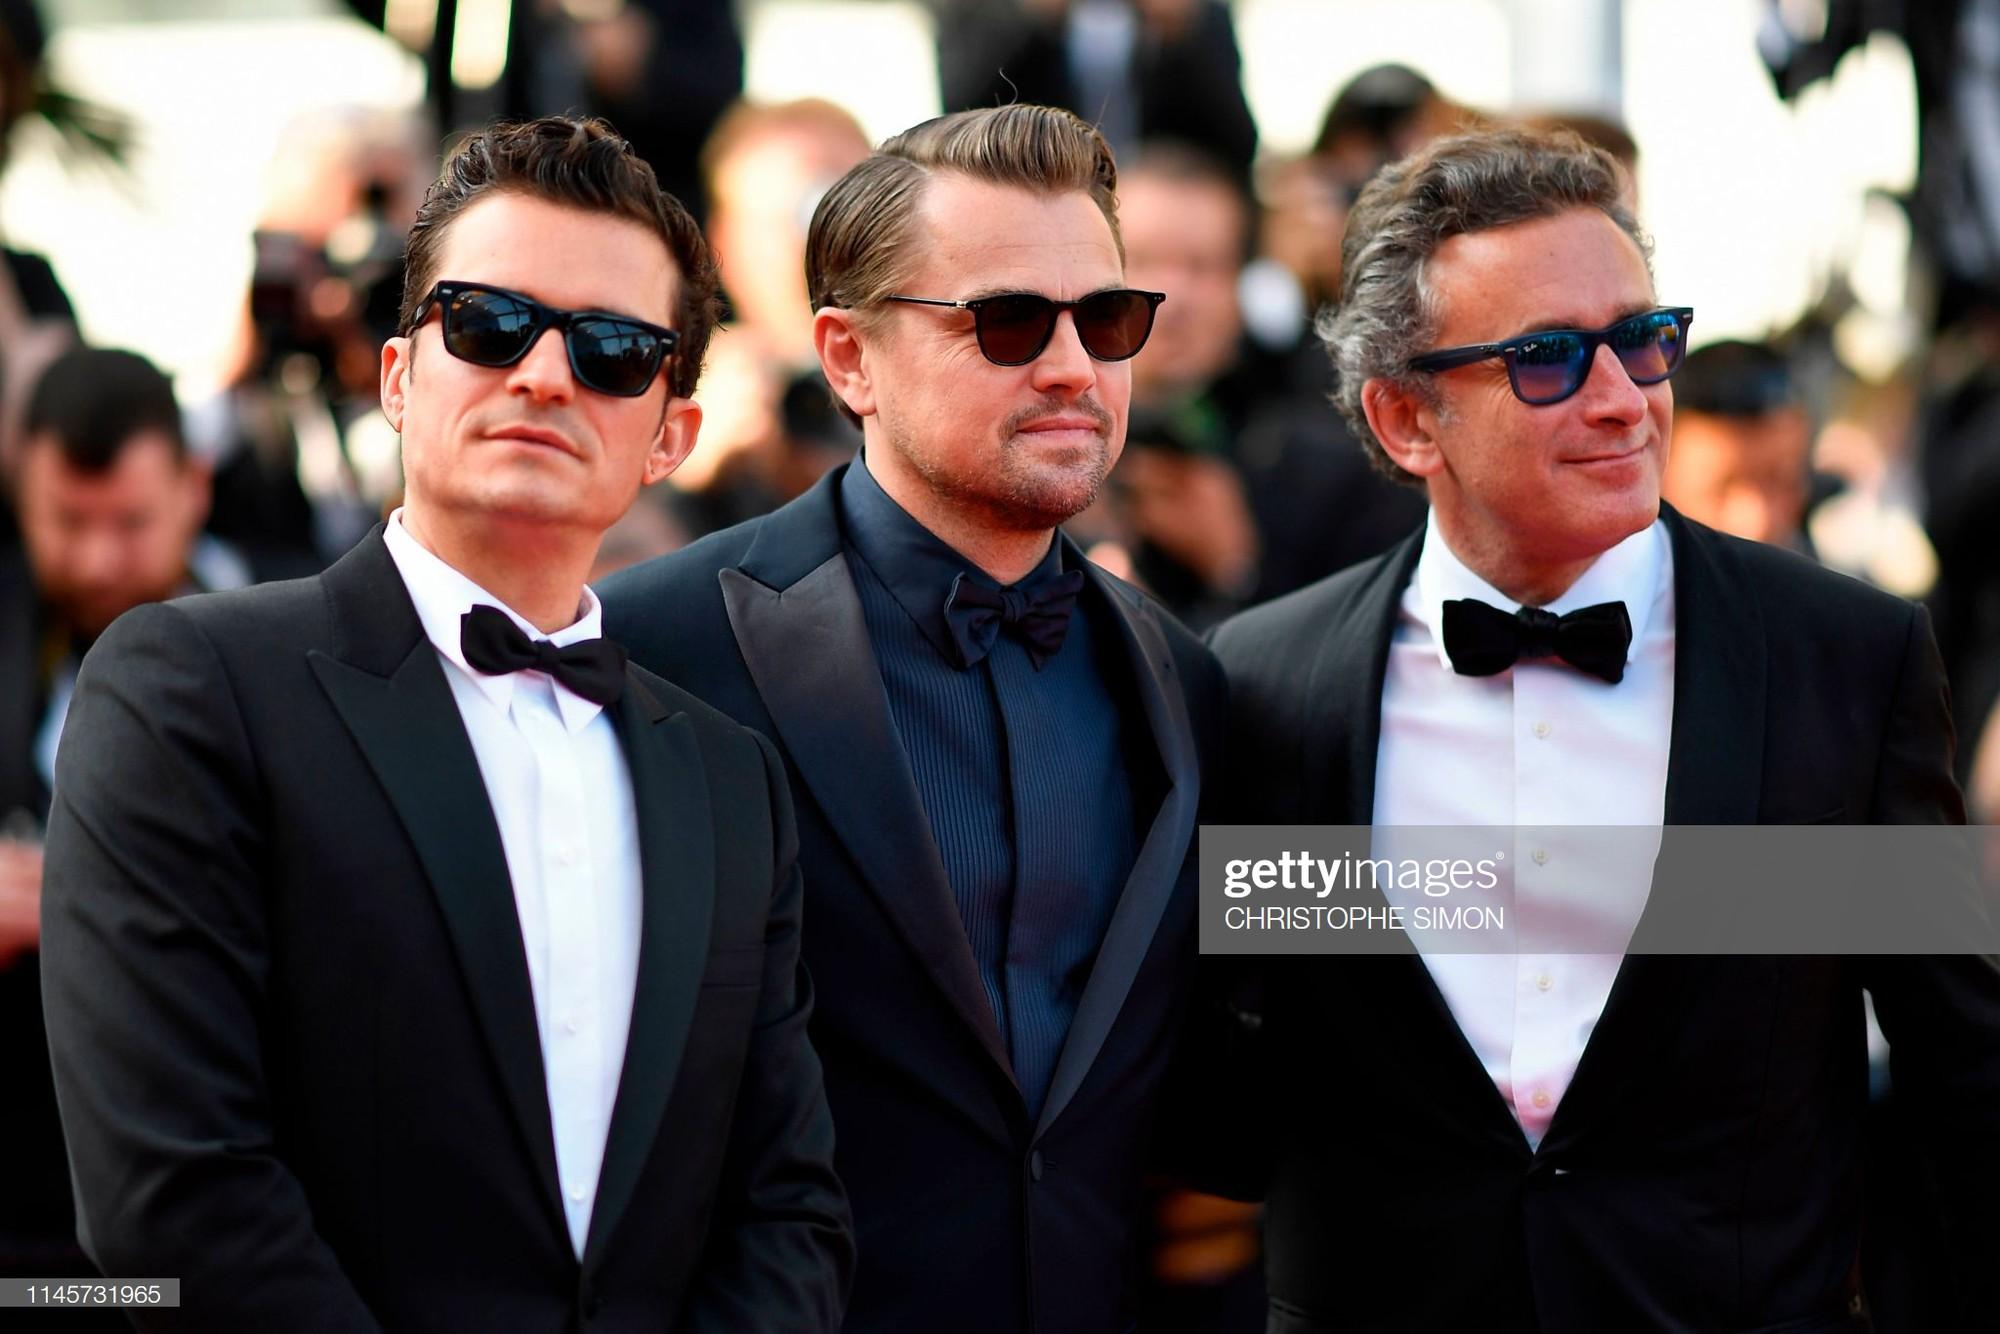 Thảm đỏ Cannes ngày 10: Các người đẹp thả rông ngực, cố tình làm trò lố vẫn bị truyền thông ngó lơ - Ảnh 1.